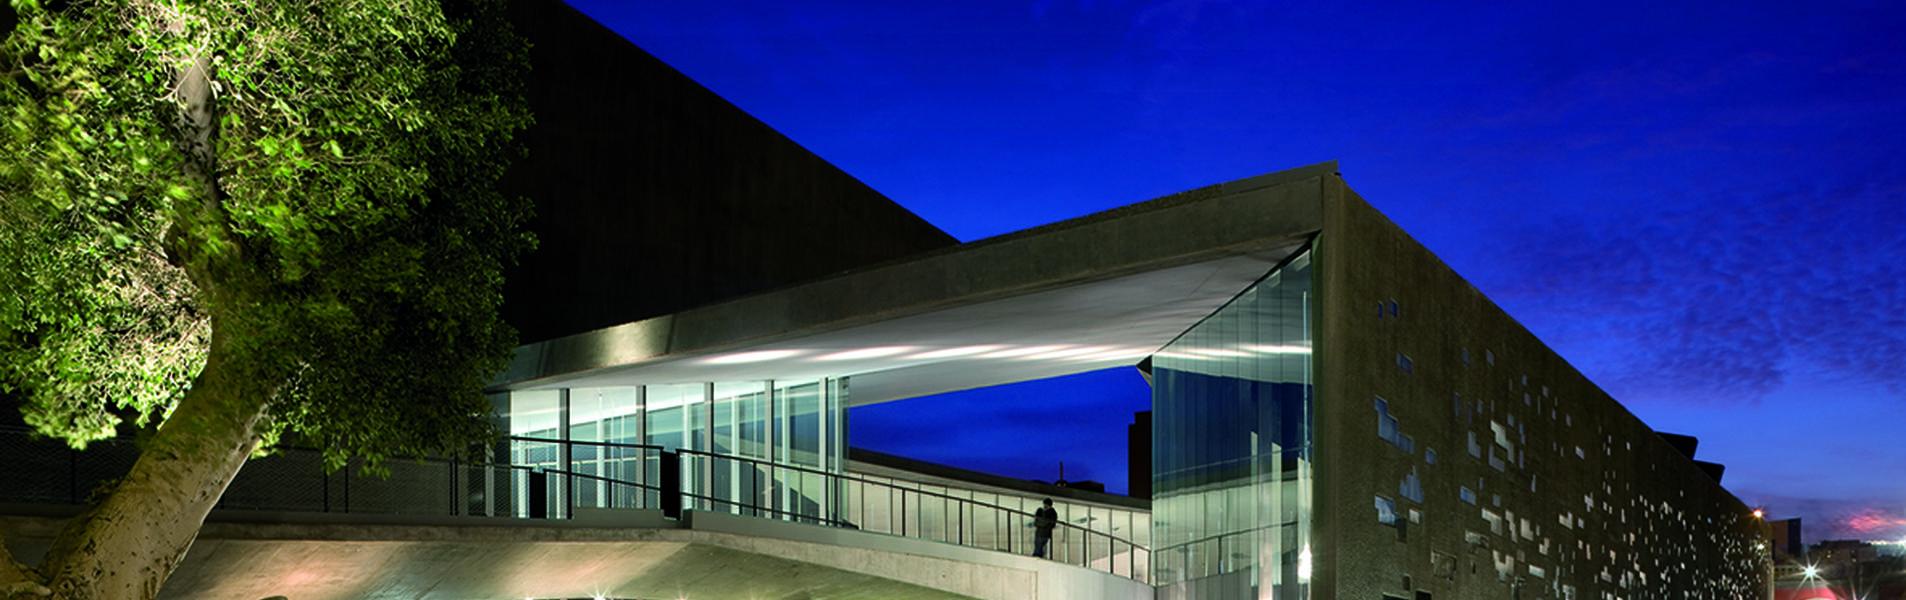 Museo TEA (Tenerife Espacio de las Artes)